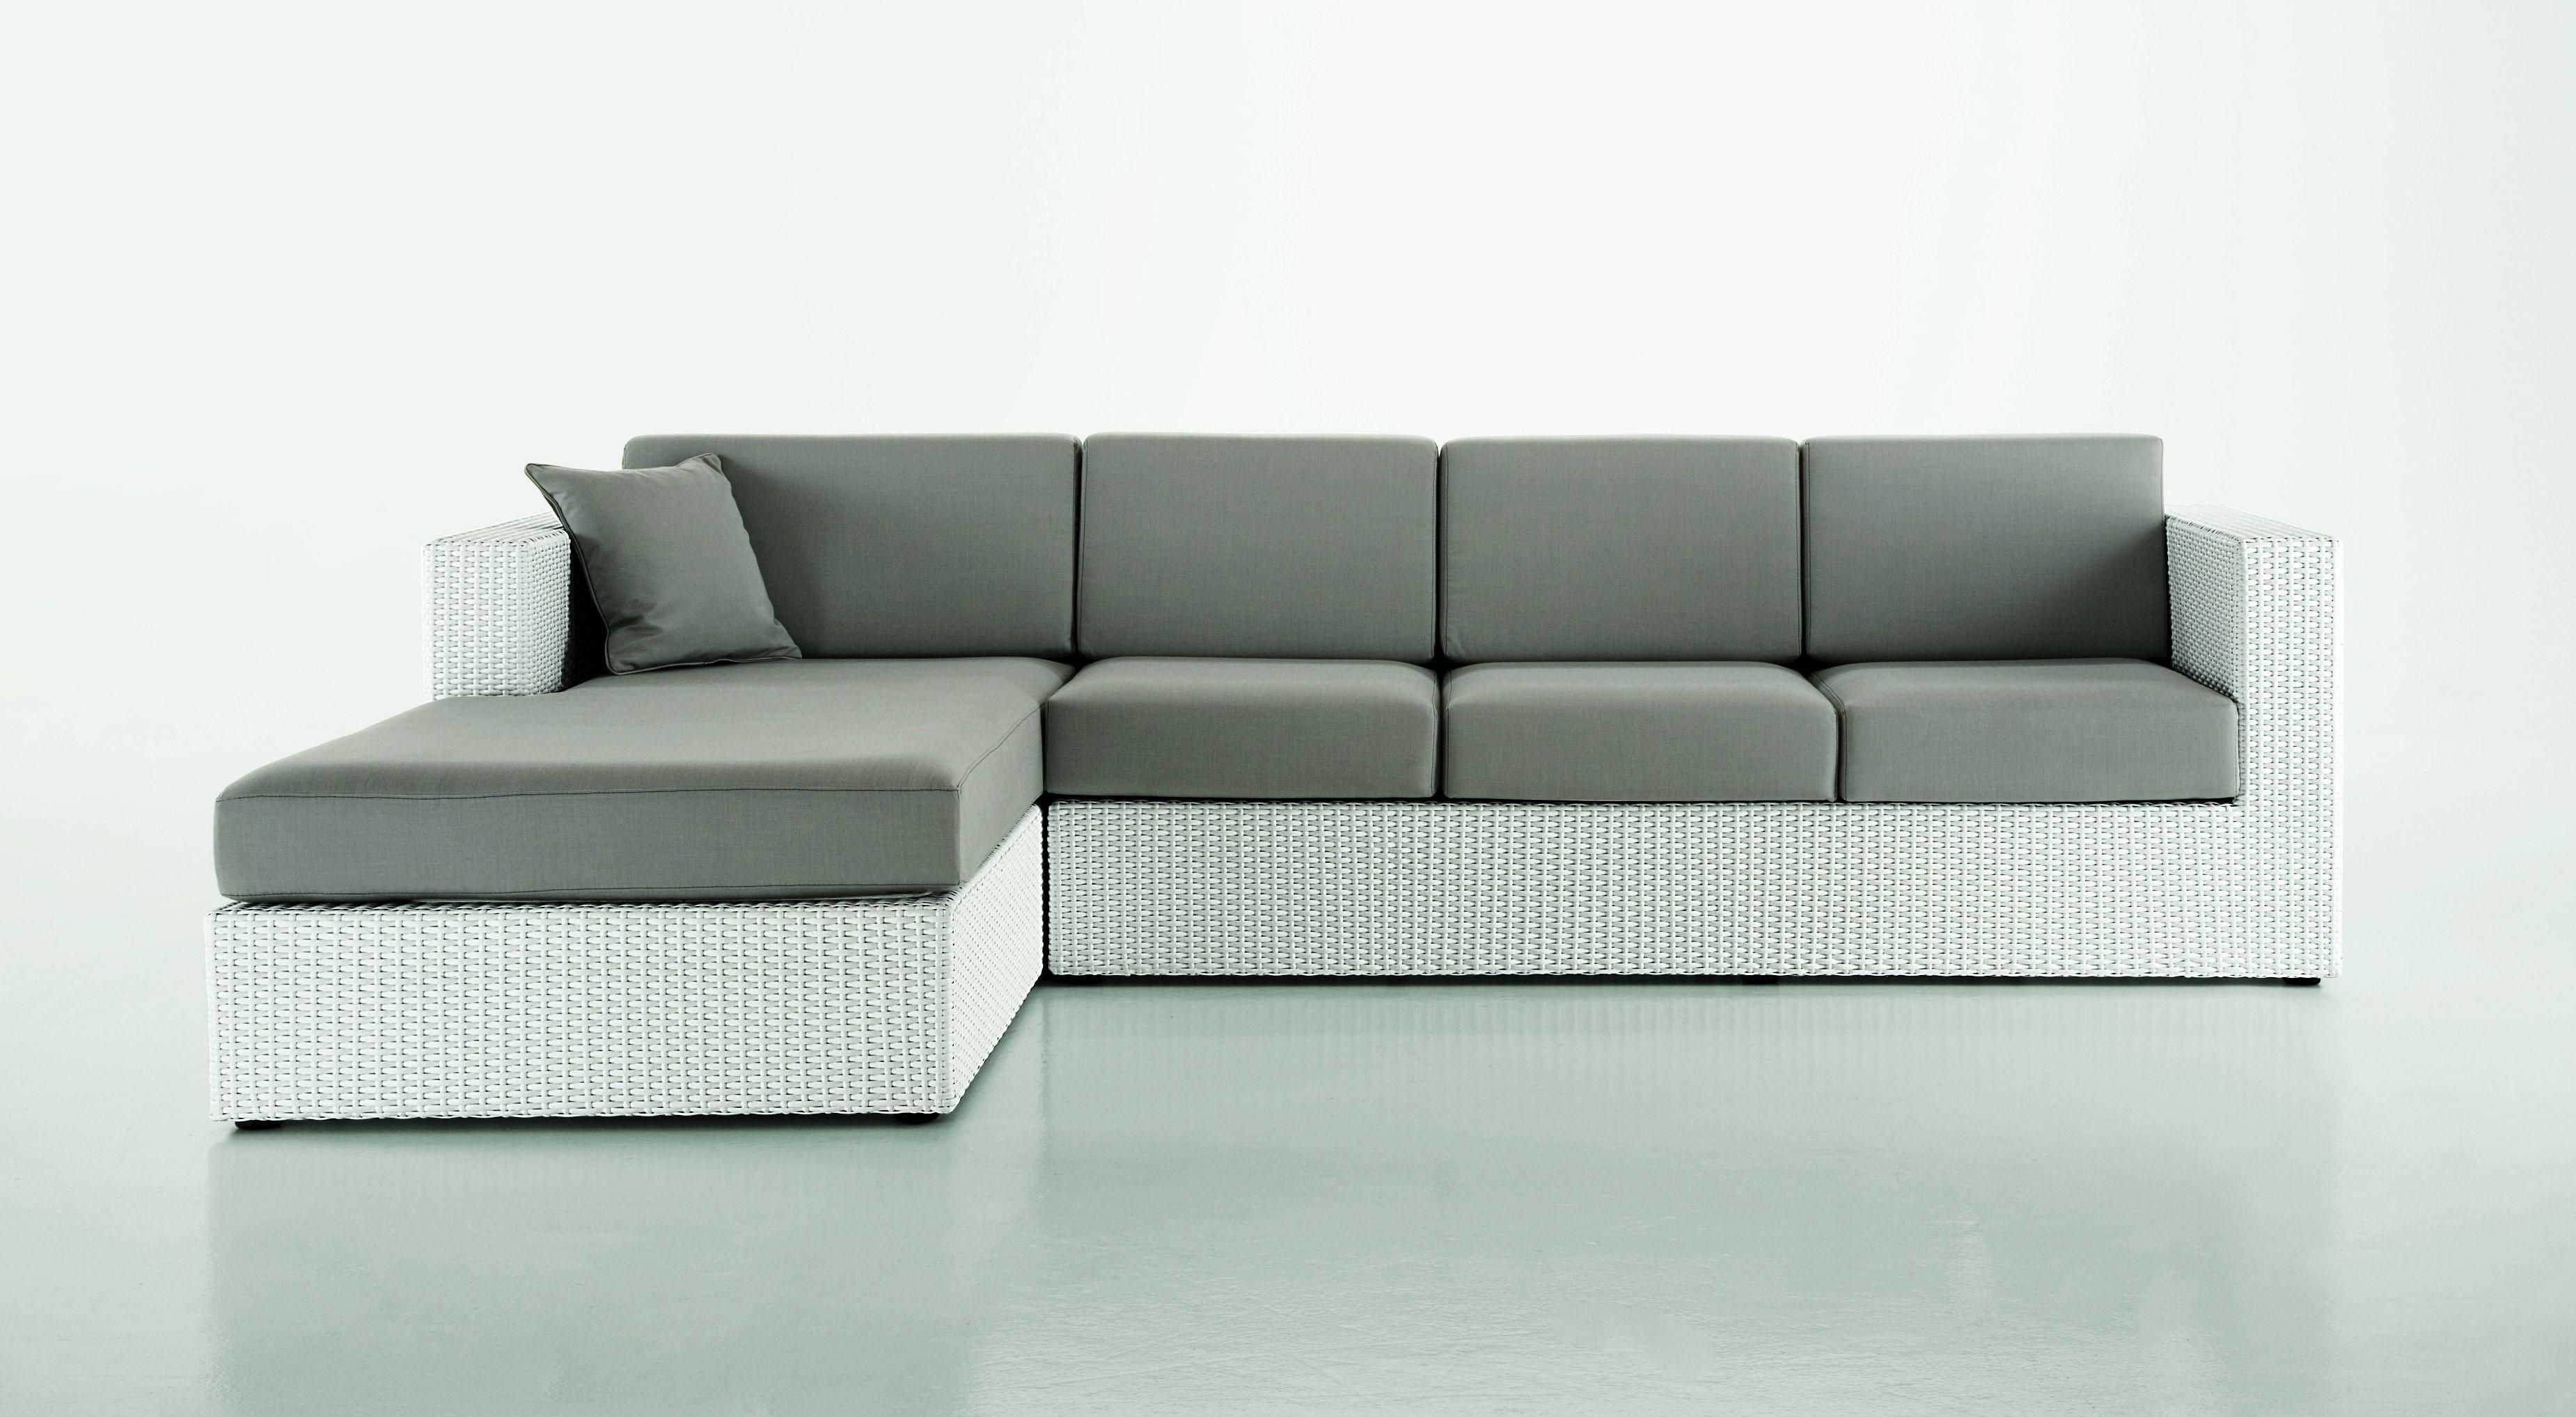 Vasi alti da interno ikea - Ikea divano componibile ...